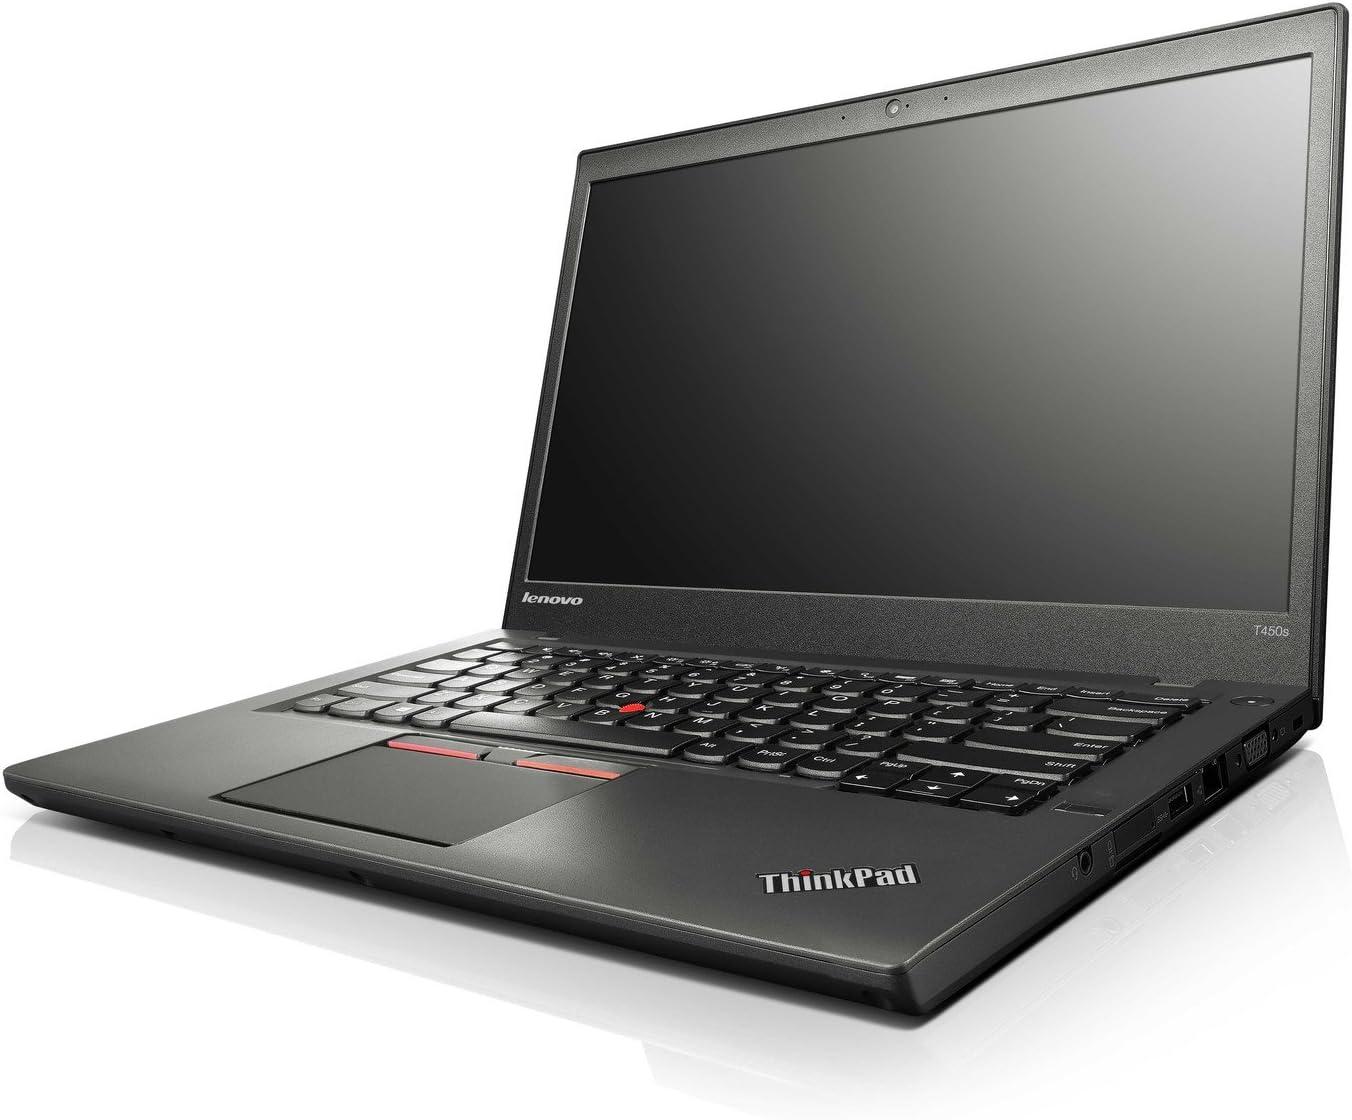 """Lenovo Thinkpad T450 Ultrabook 20BUS3MG00 (14"""" Display, Intel i5-5300U 2.3GHz, 8GB RAM, 256GB SSD, 720p Camera, UltraNav, Bluetooth 4.0, Windows 7 Professional 64-bit)"""